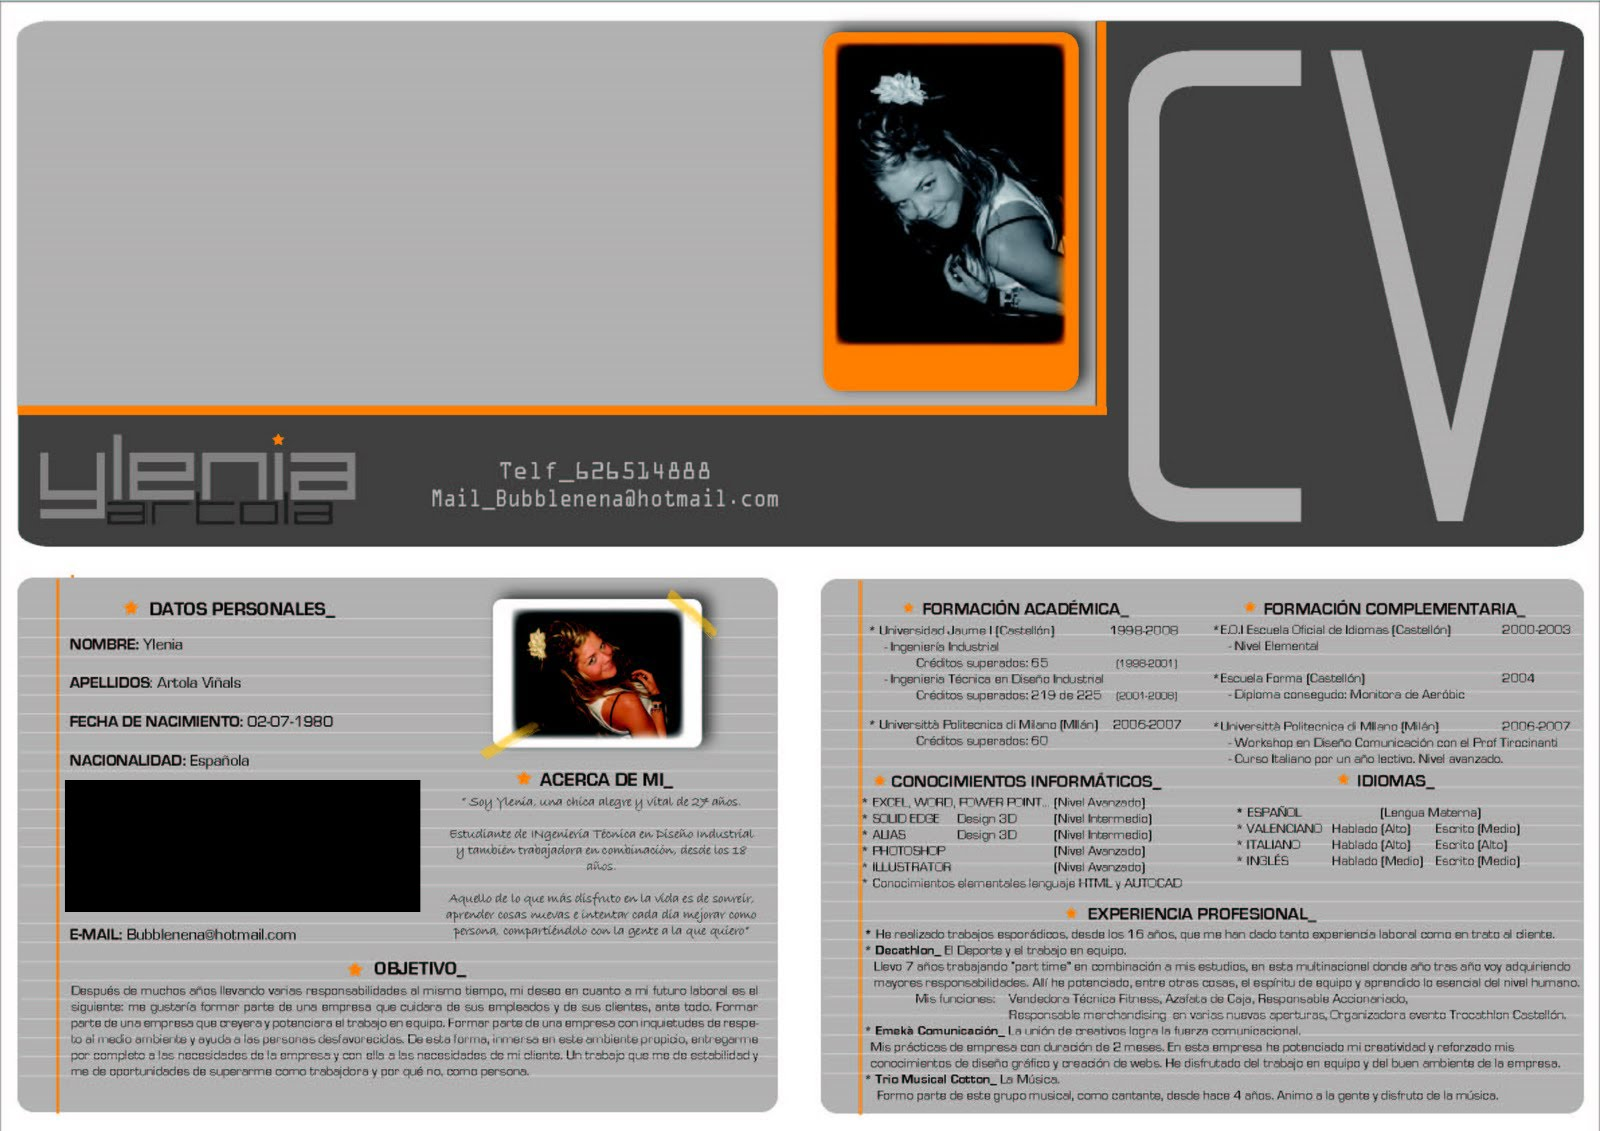 CV Primer http://yleniart.blogspot.com/2009/08/mi-primer-cv.html